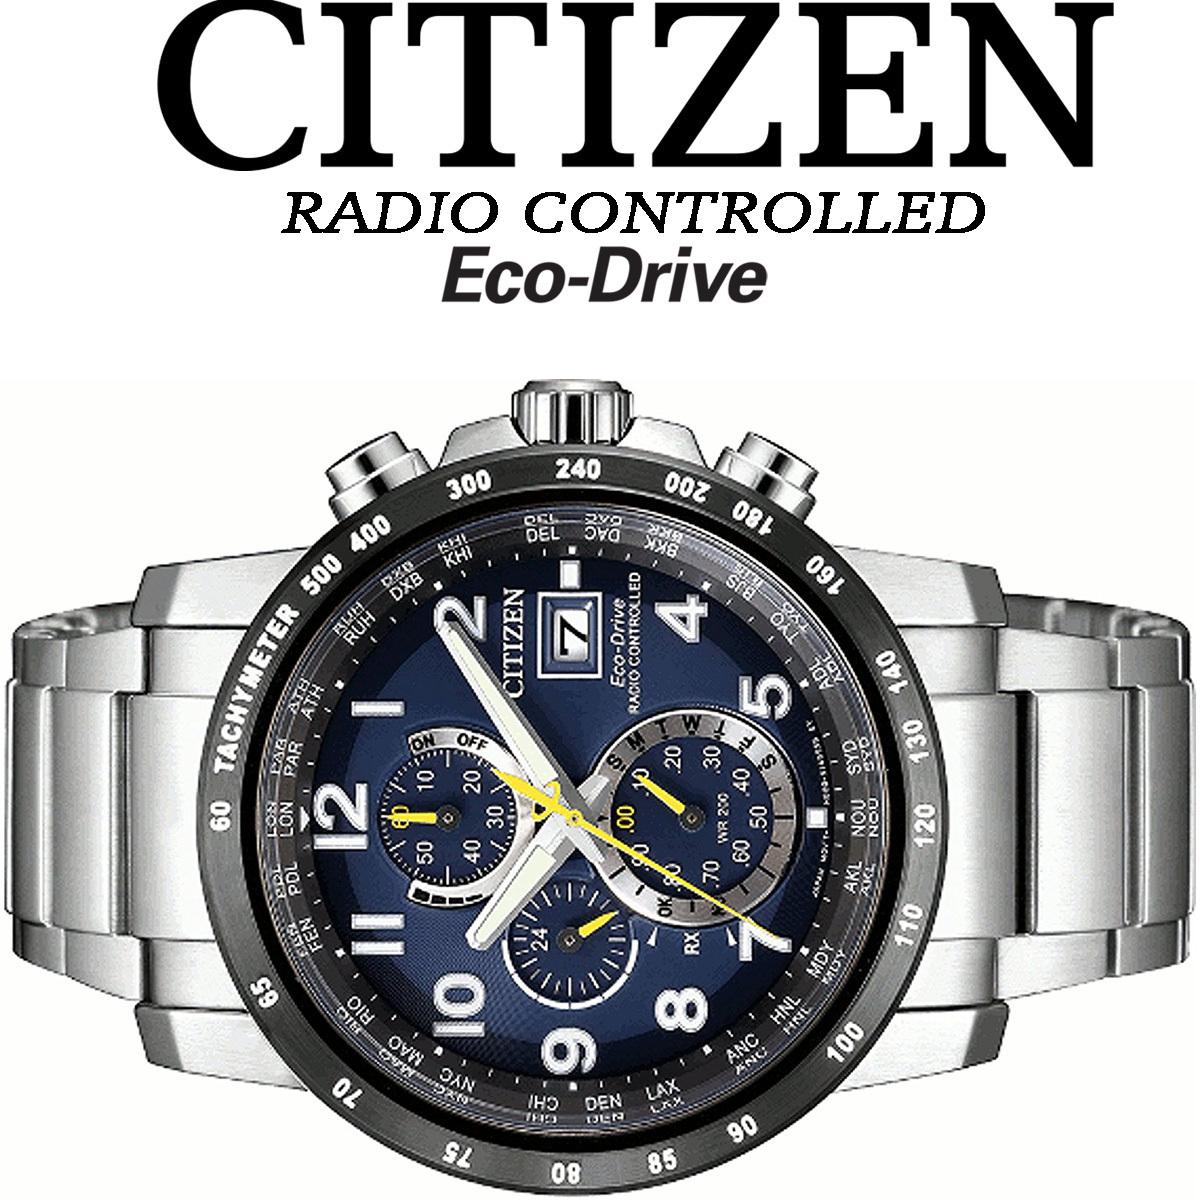 1円!電波ソーラー世界時計 高級シチズン機能が凄すぎる サファイアガラス永久カレンダー逆輸入クロノグラフ200m防水ECO-DRIVE腕時計